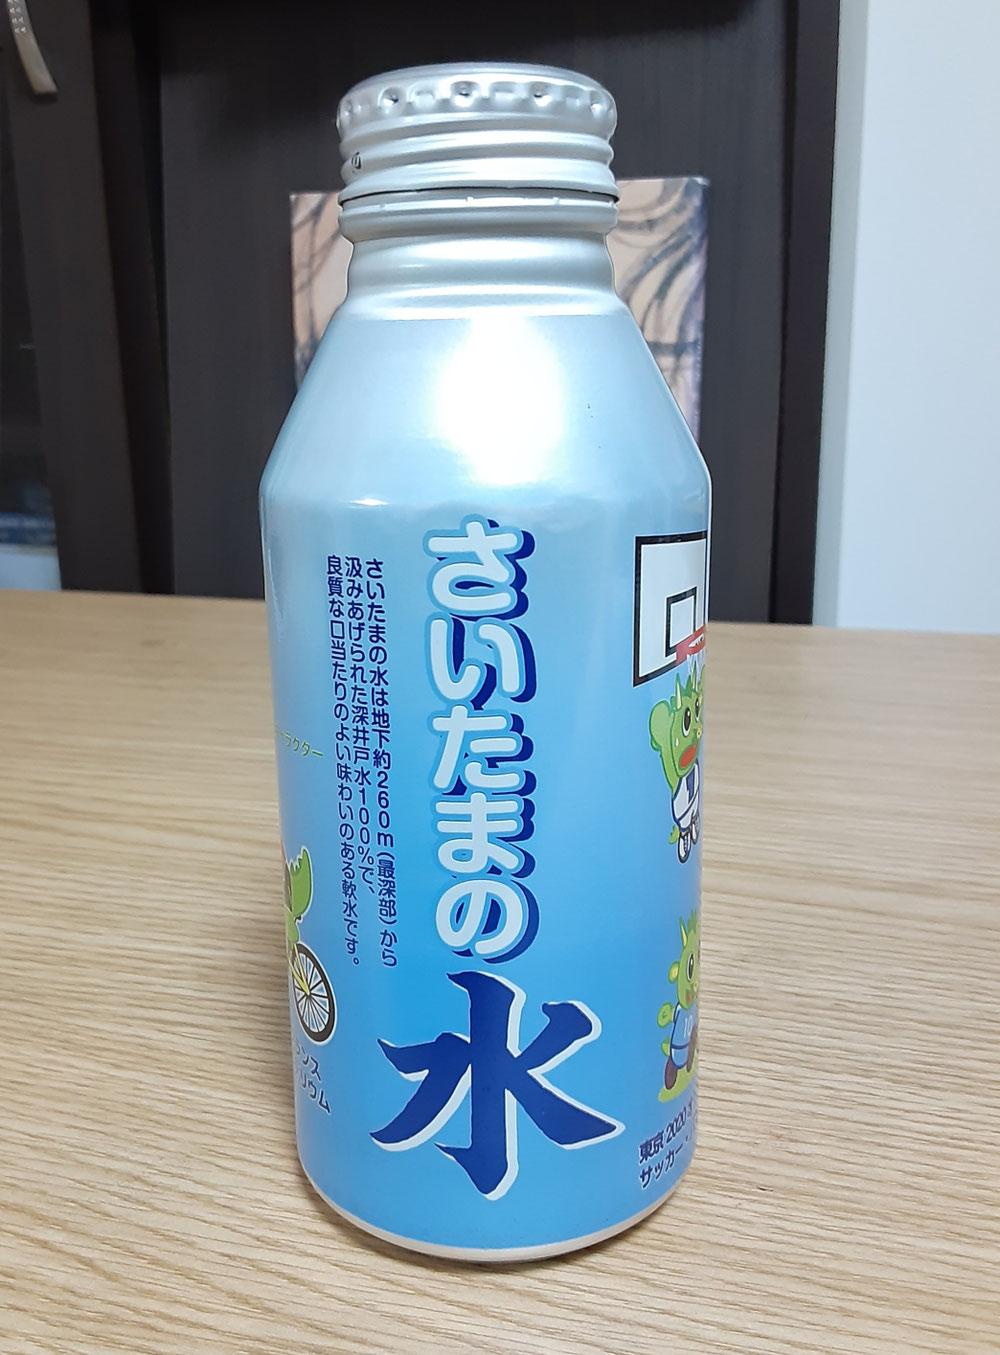 説明会でいただいた「さいたまの水」。飲みやすい味